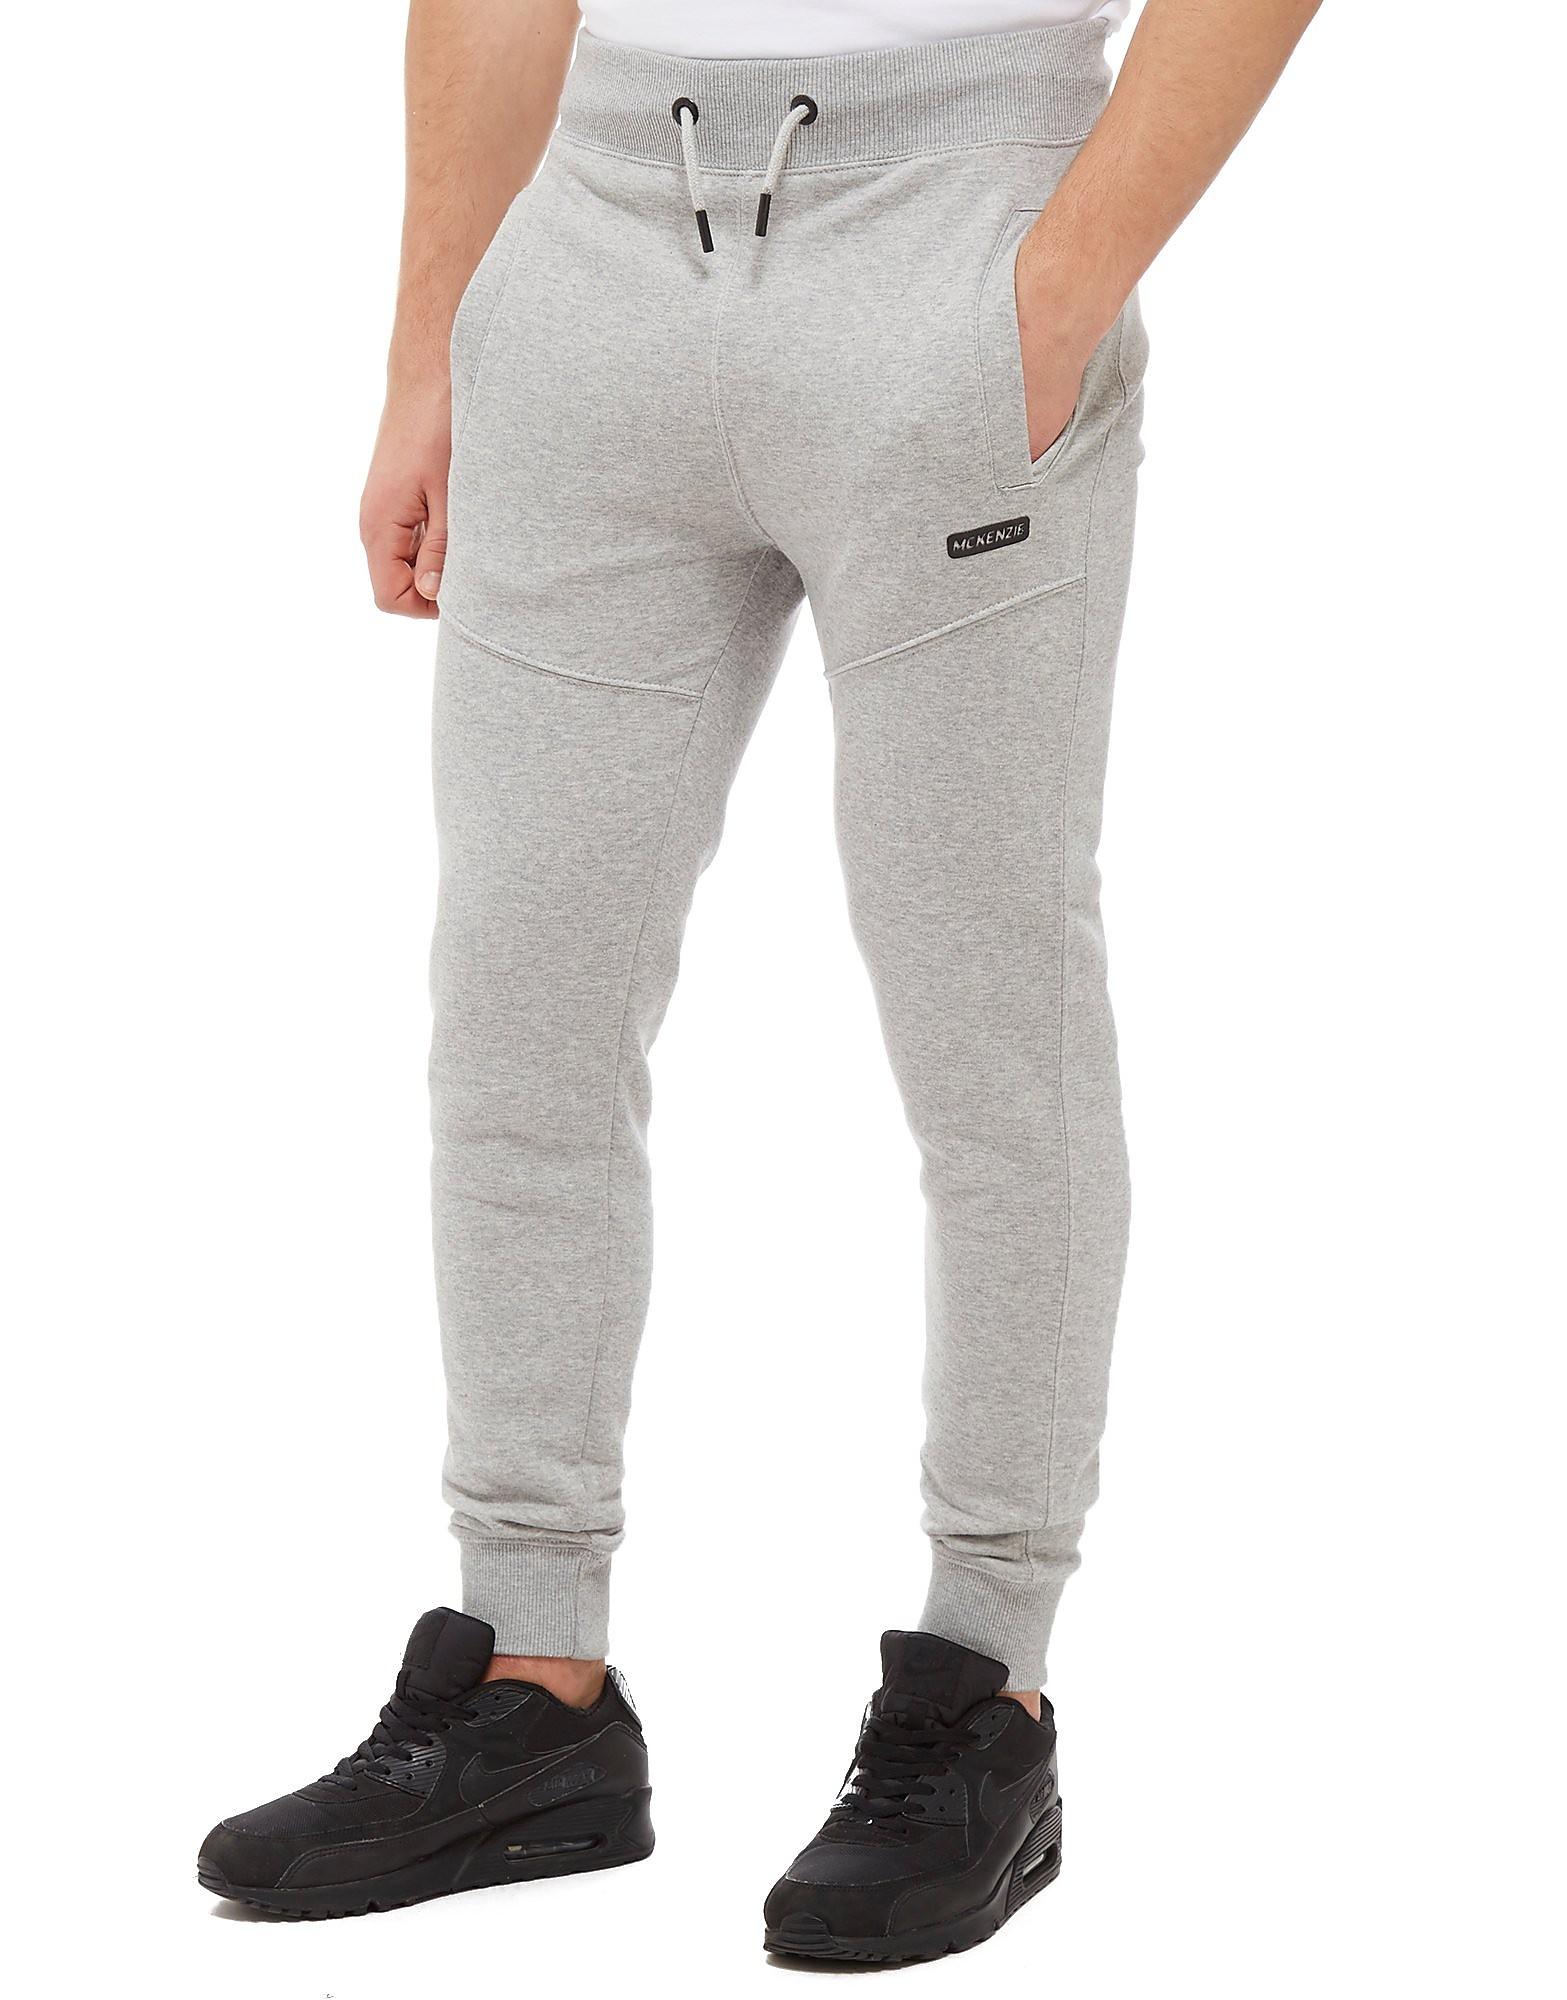 McKenzie Pantalon de survêtement Stirling Homme - Only at JD - gris, gris